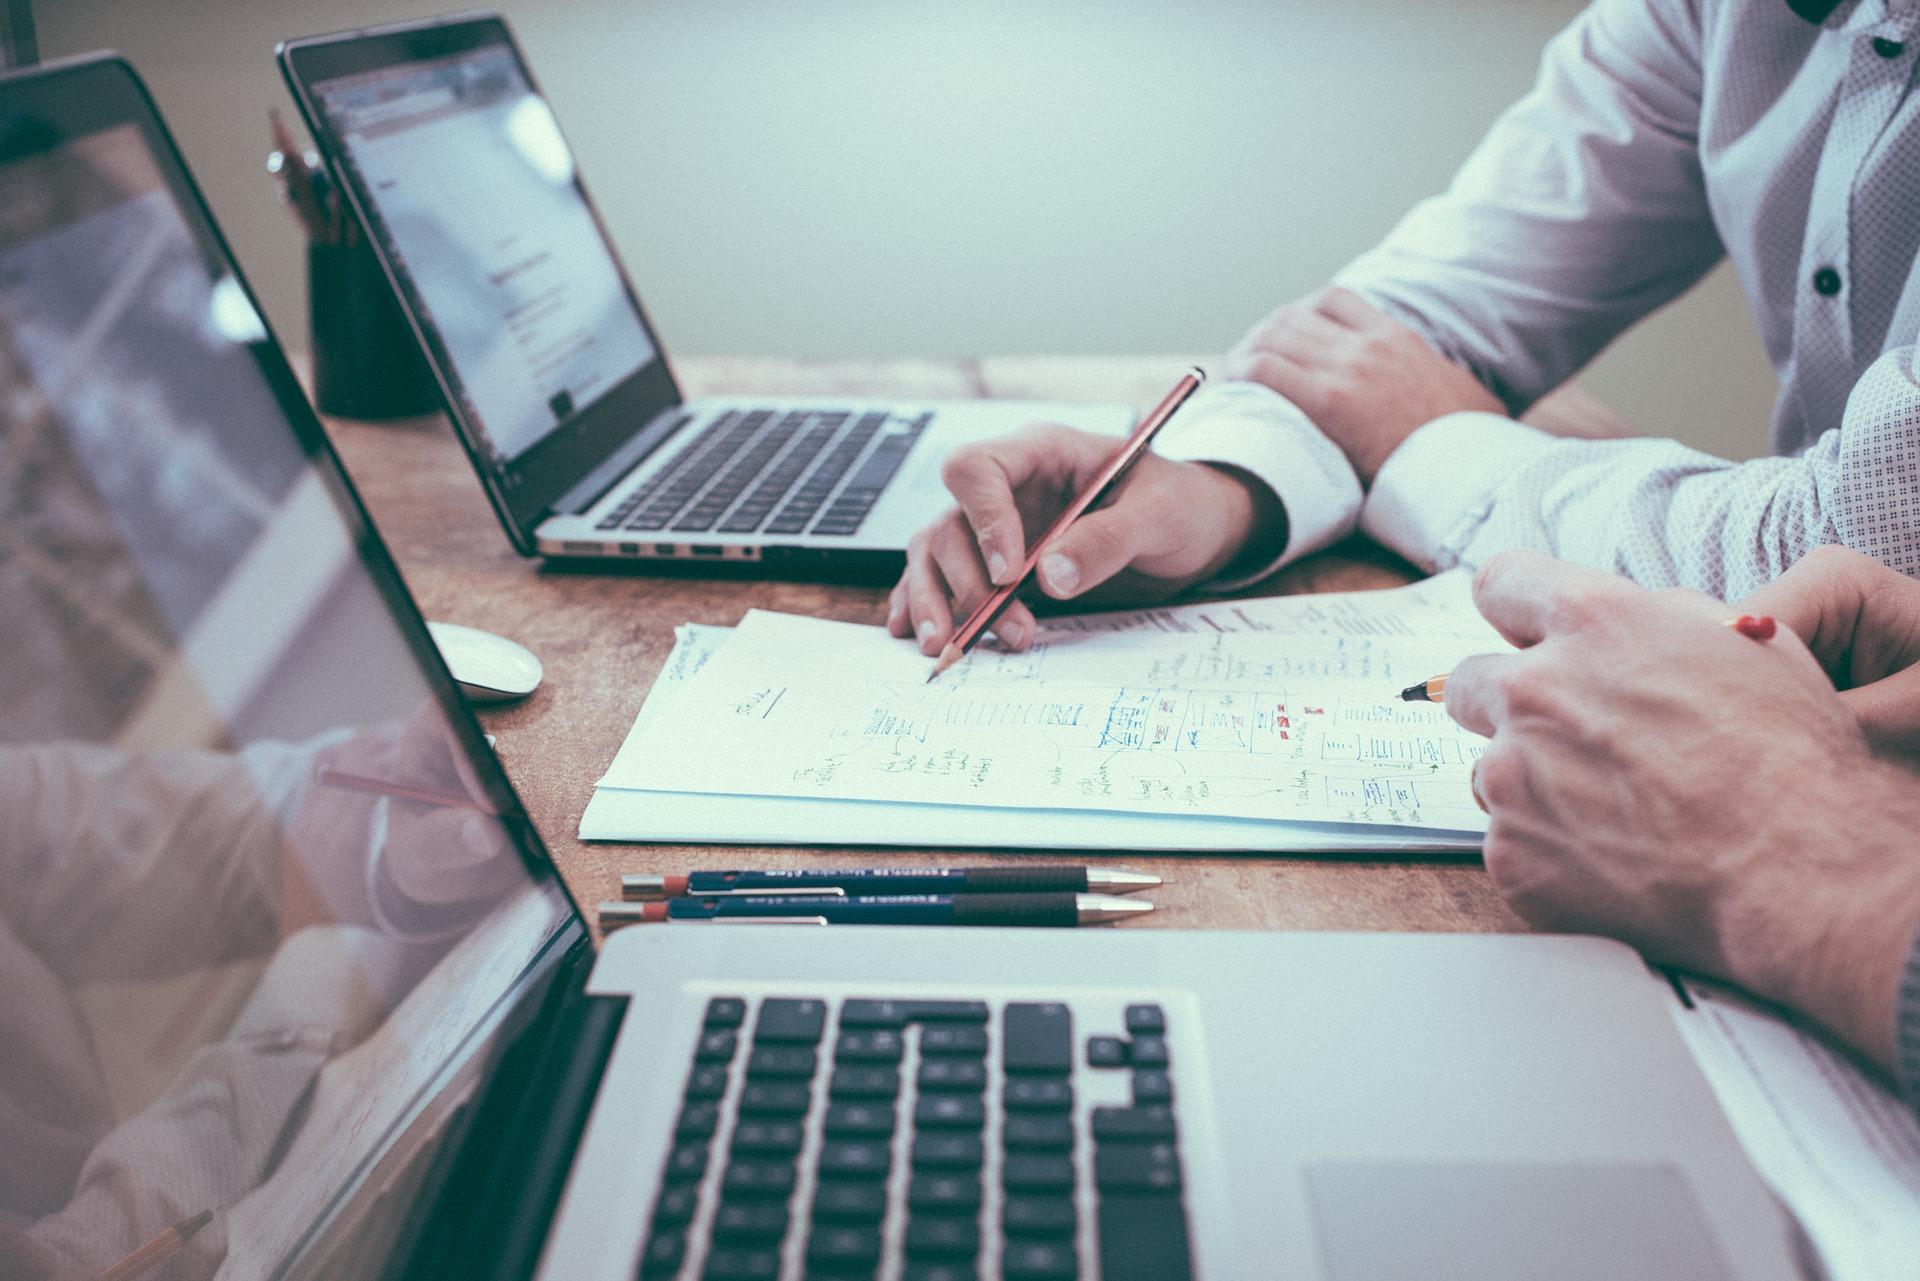 Amazon Web Services Training - IT Management Training - Mac Jason Academy